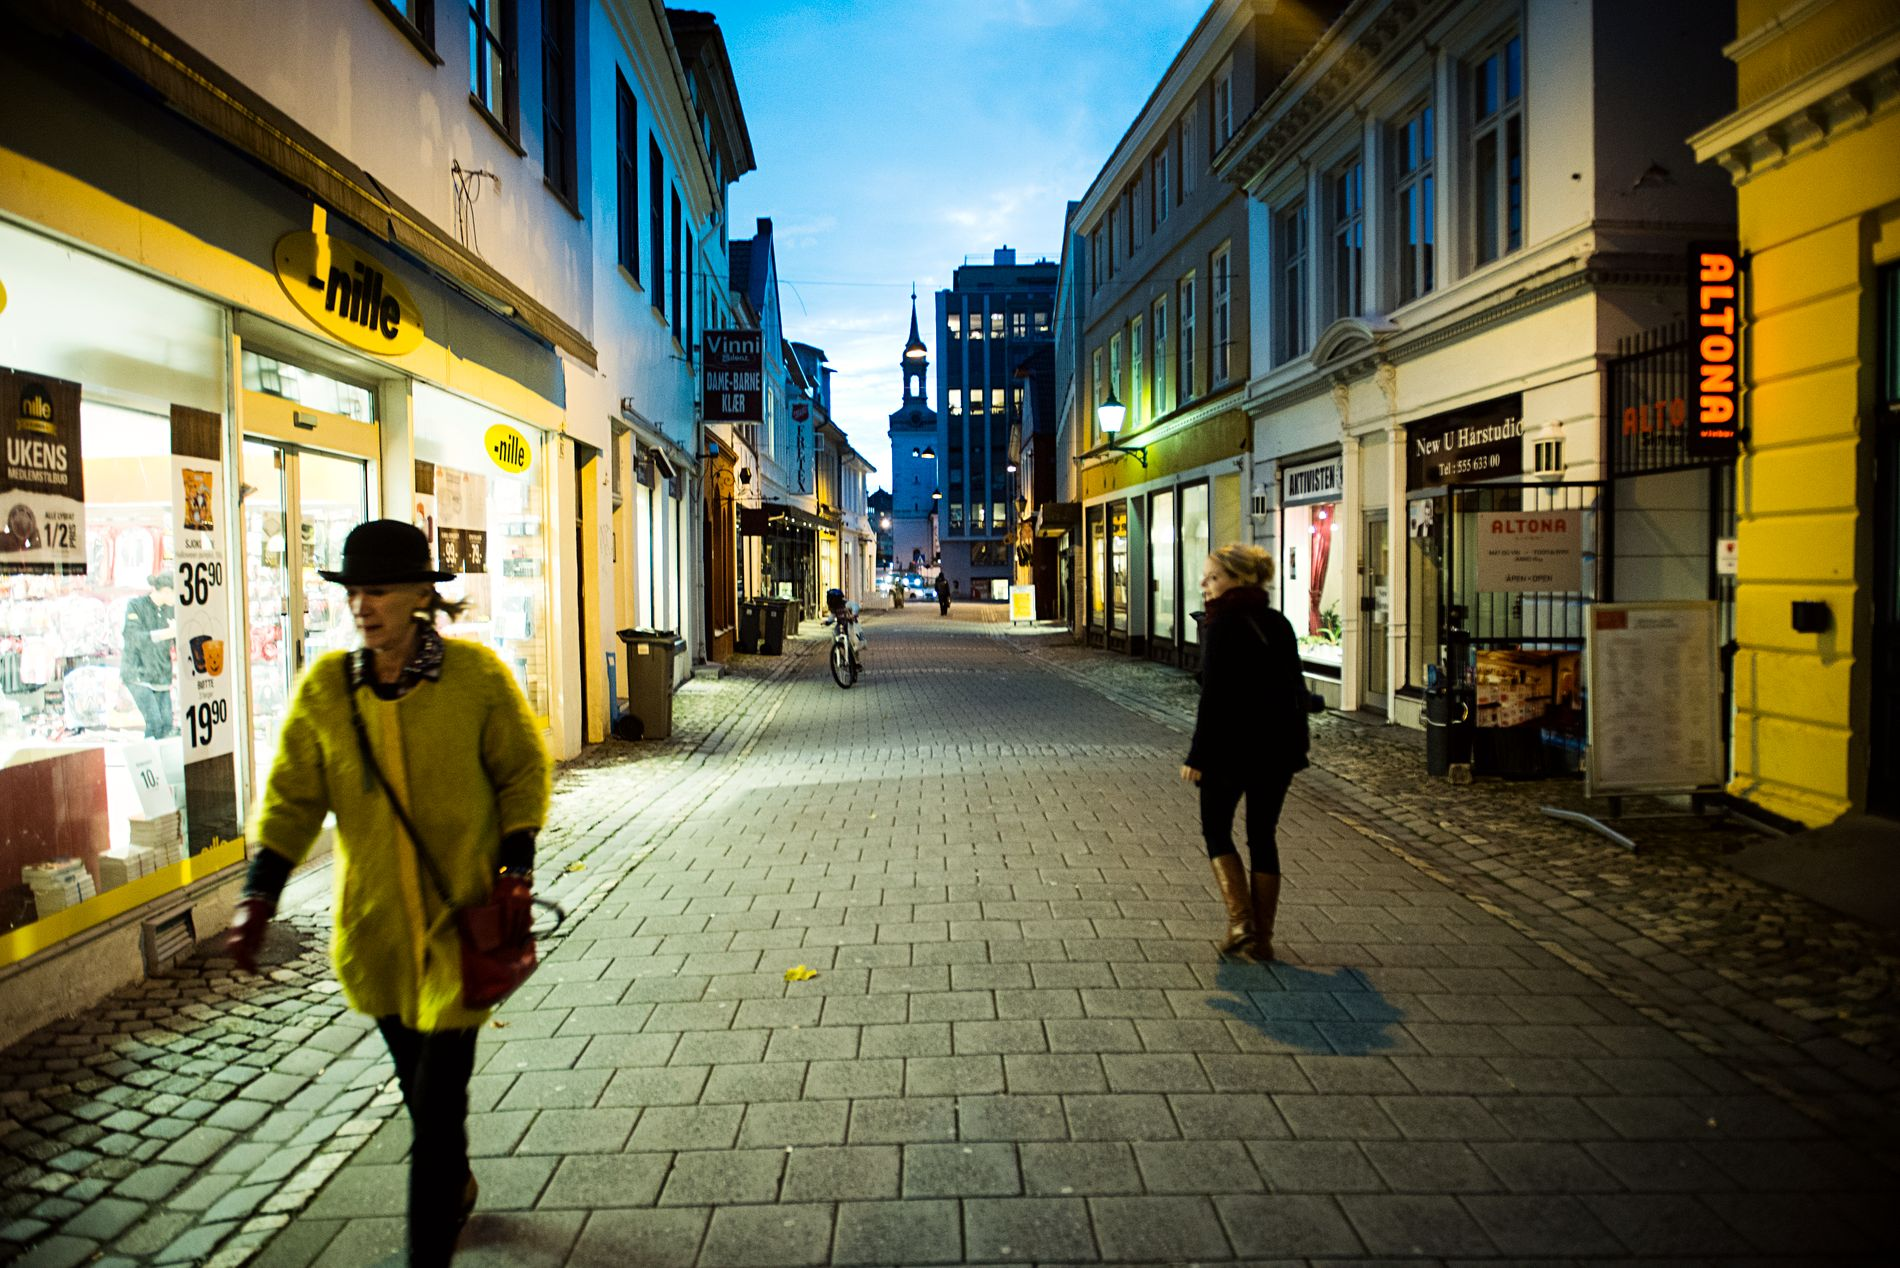 TRADISJONSRIK: Gaten som i dag er kjent som Gågaten, het tidligere Gamle Strandgaten.